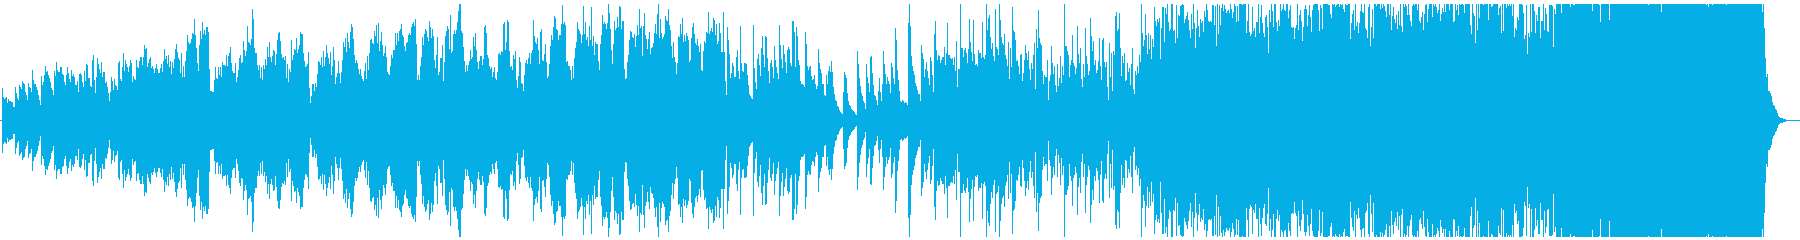 ピアノとストリングスの悲しいエンディングの再生済みの波形